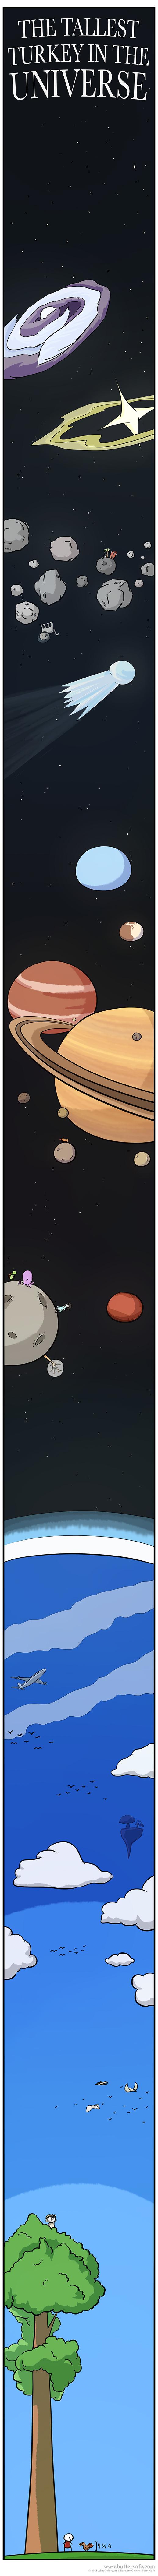 Самая высокая индейка во Вселенной Buttersafe, Комиксы, Индейка, Длиннопост